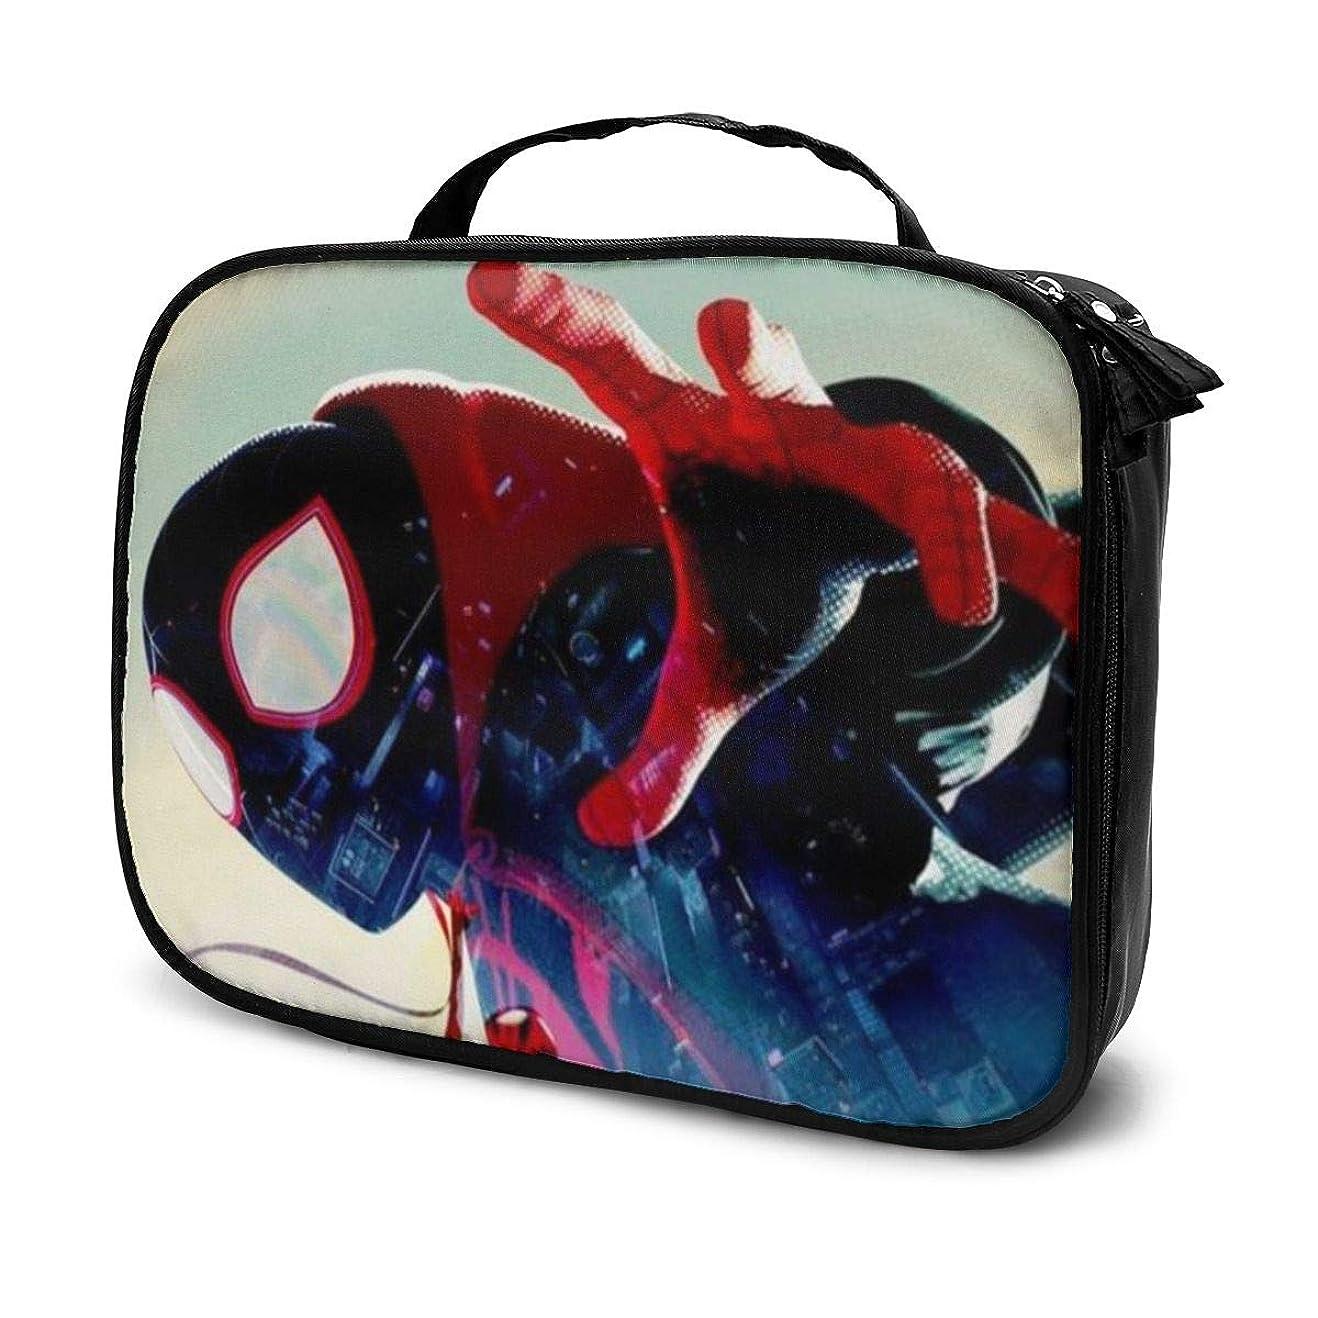 過剰手当コマースDaituクリエイティブスパイダーマン 化粧品袋の女性旅行バッグ収納大容量防水アクセサリー旅行